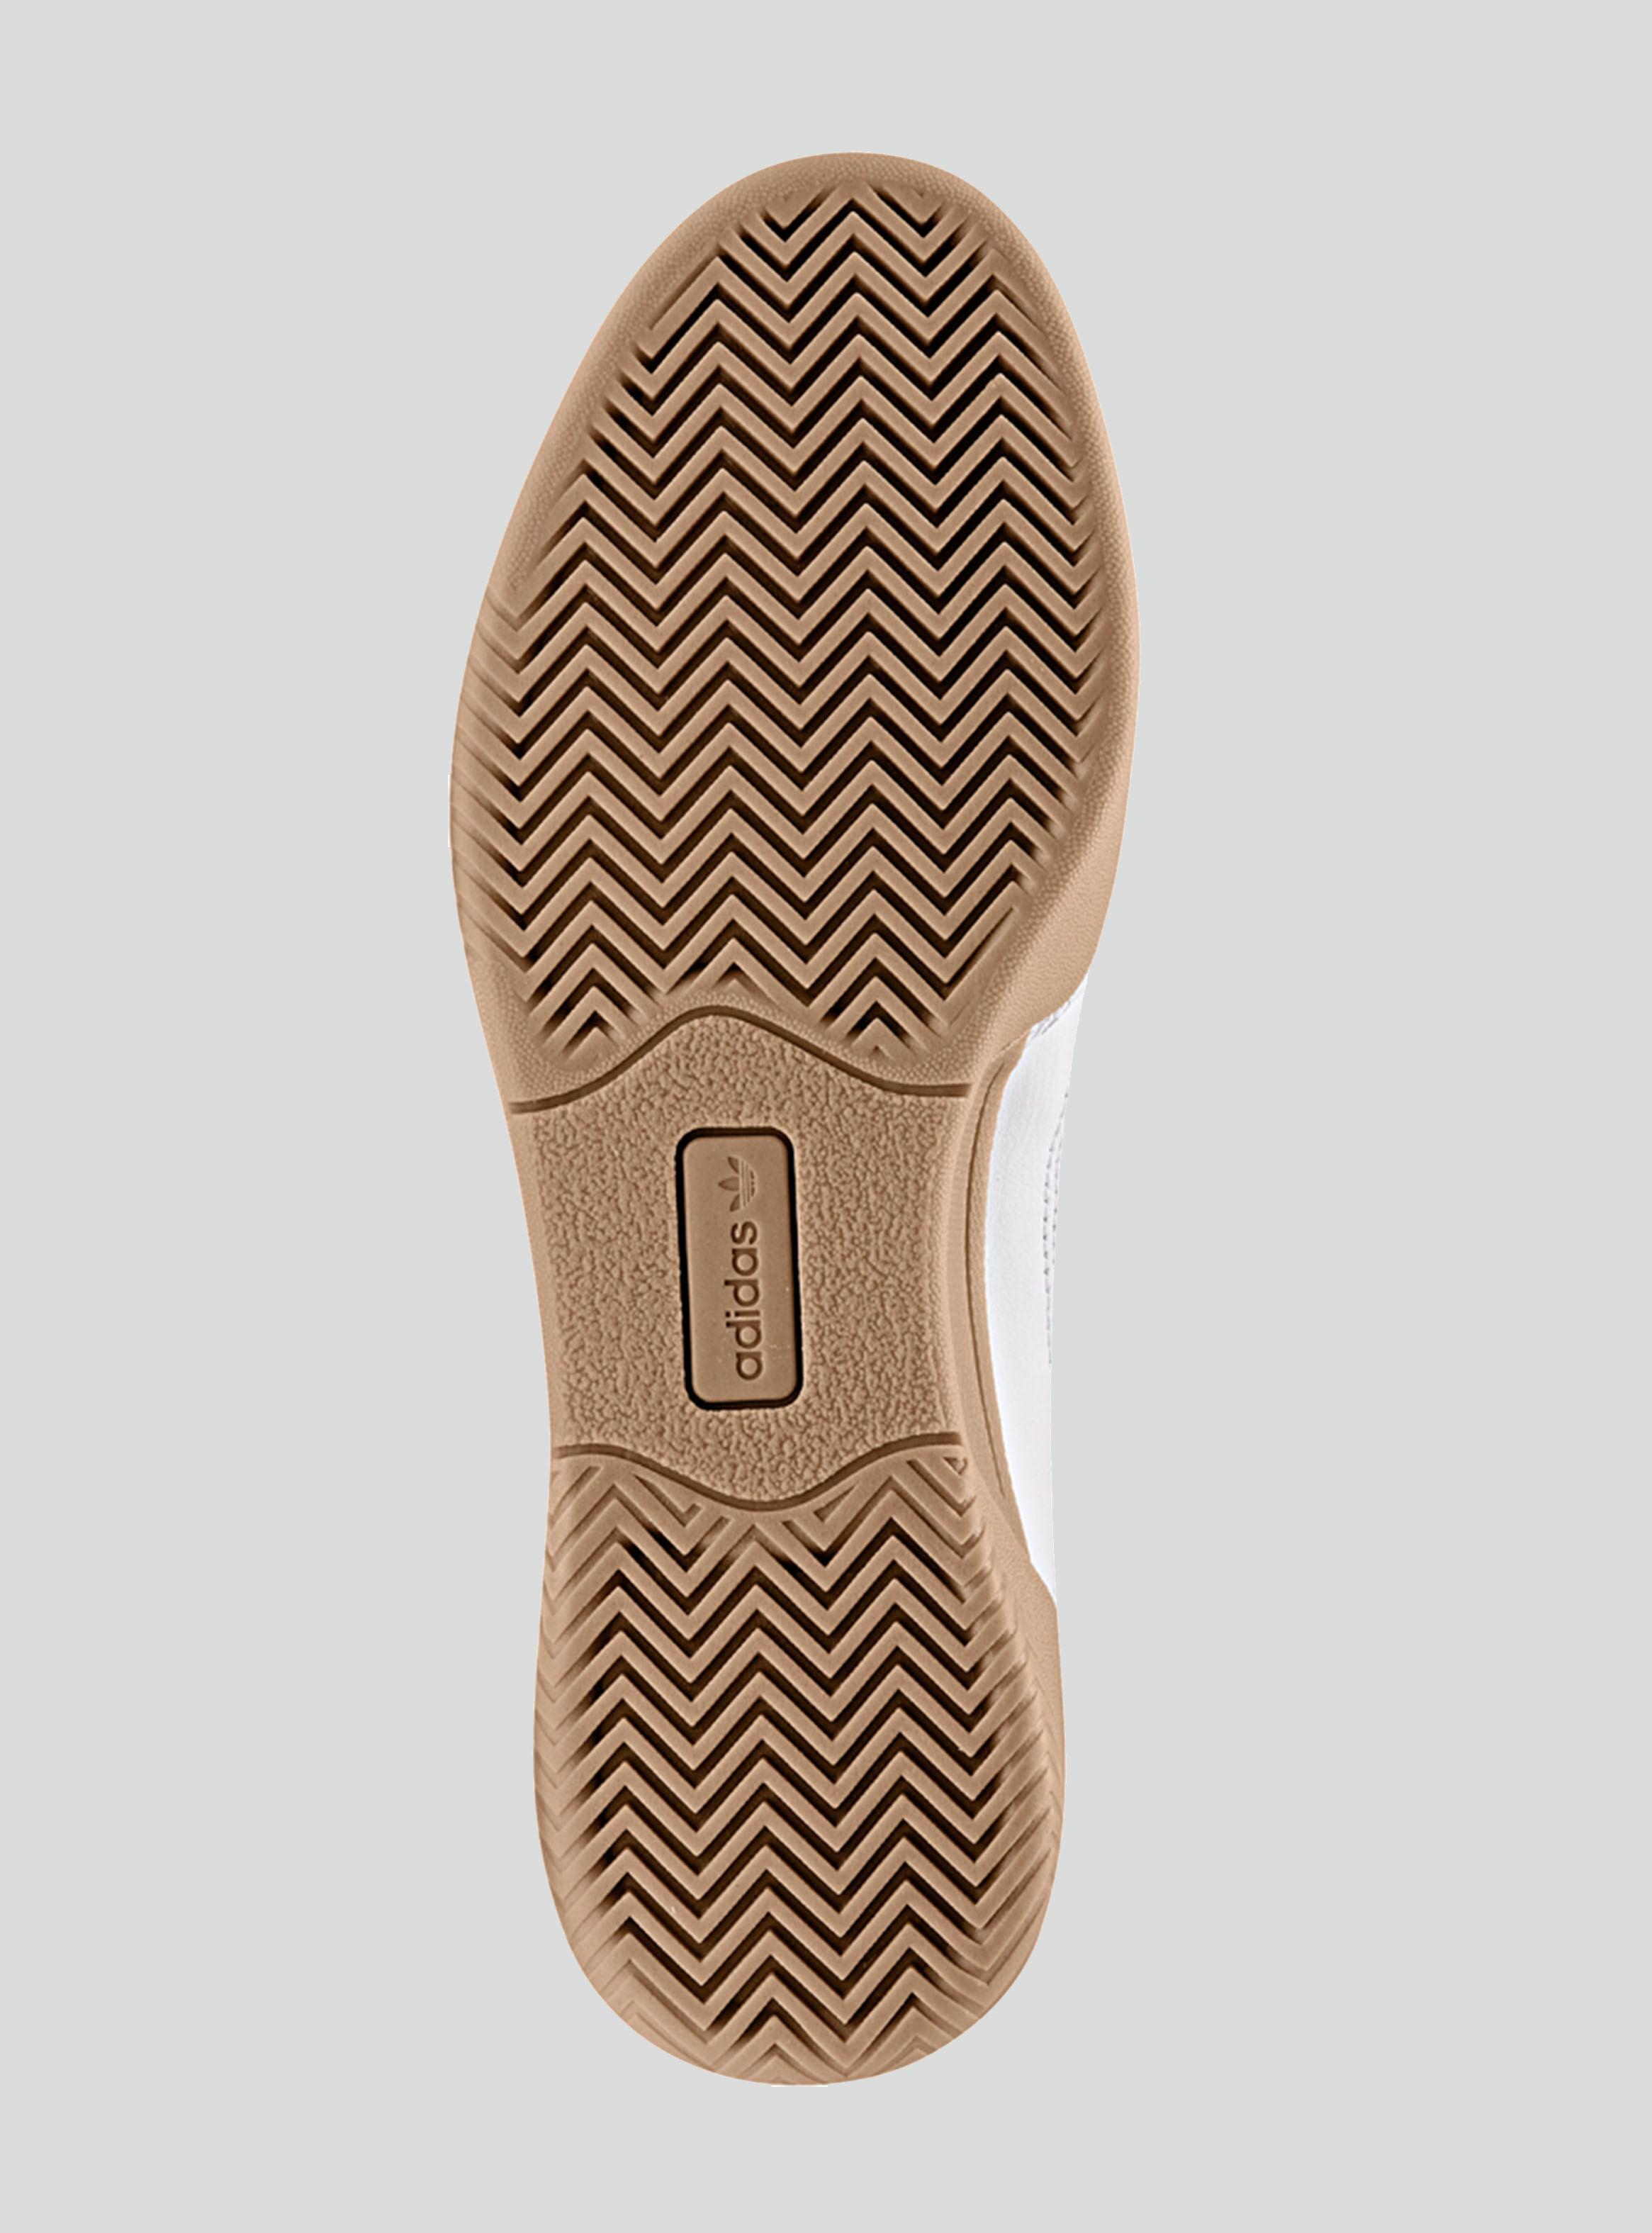 Zapatilla Adidas VRX MID LOW Urbana Hombre